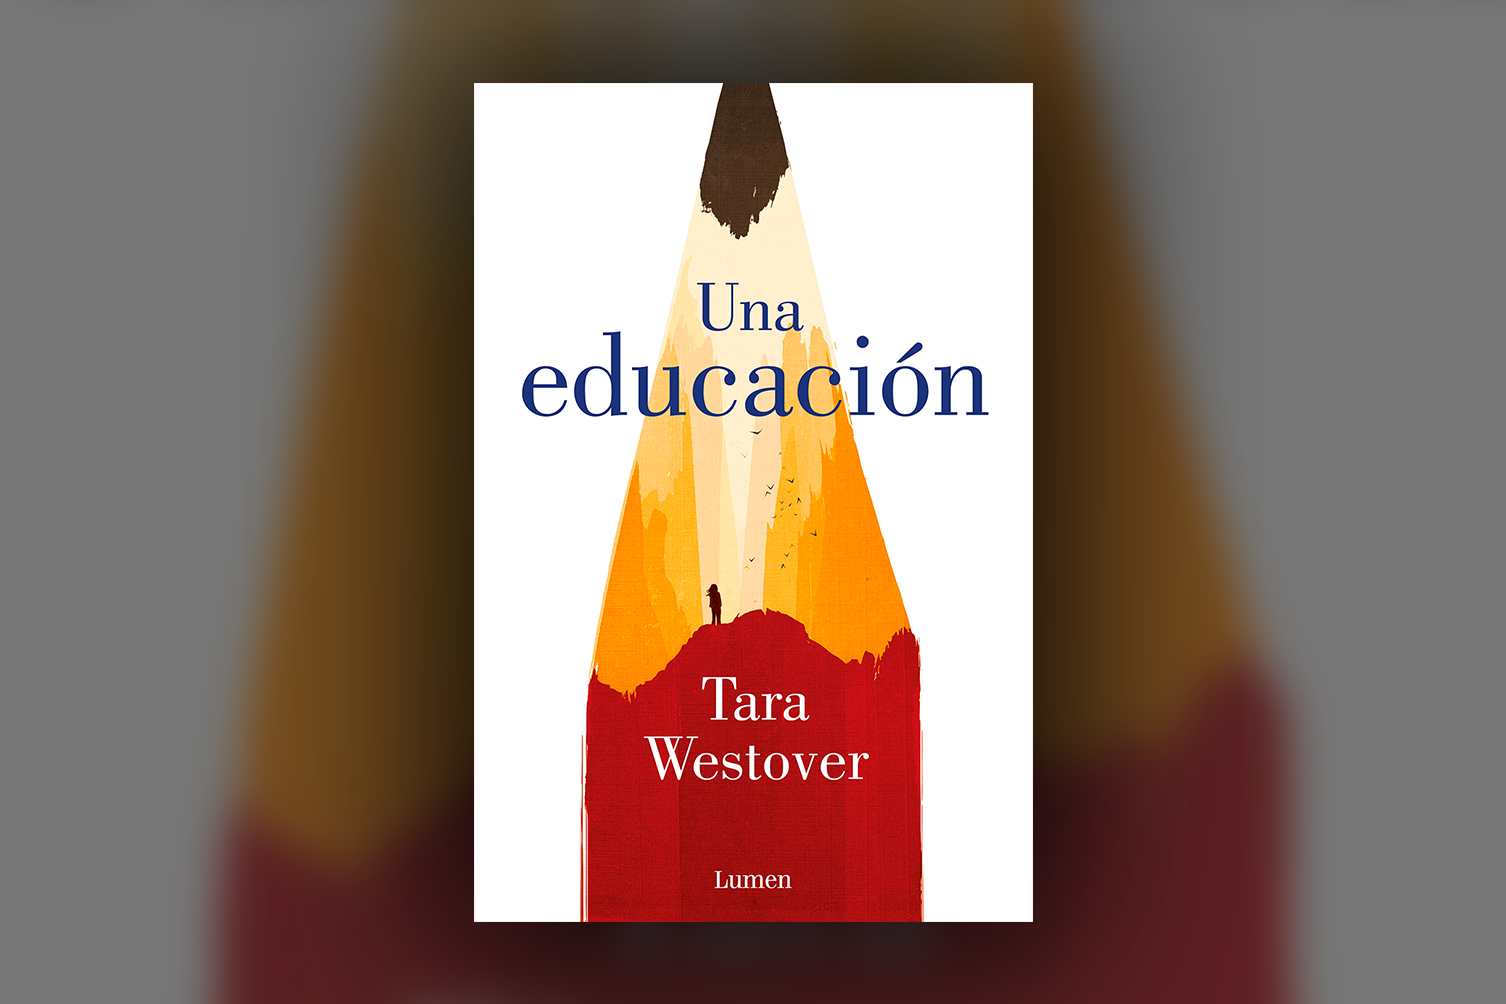 Imagen-Principal-Una-Educacion-Tara-Westover